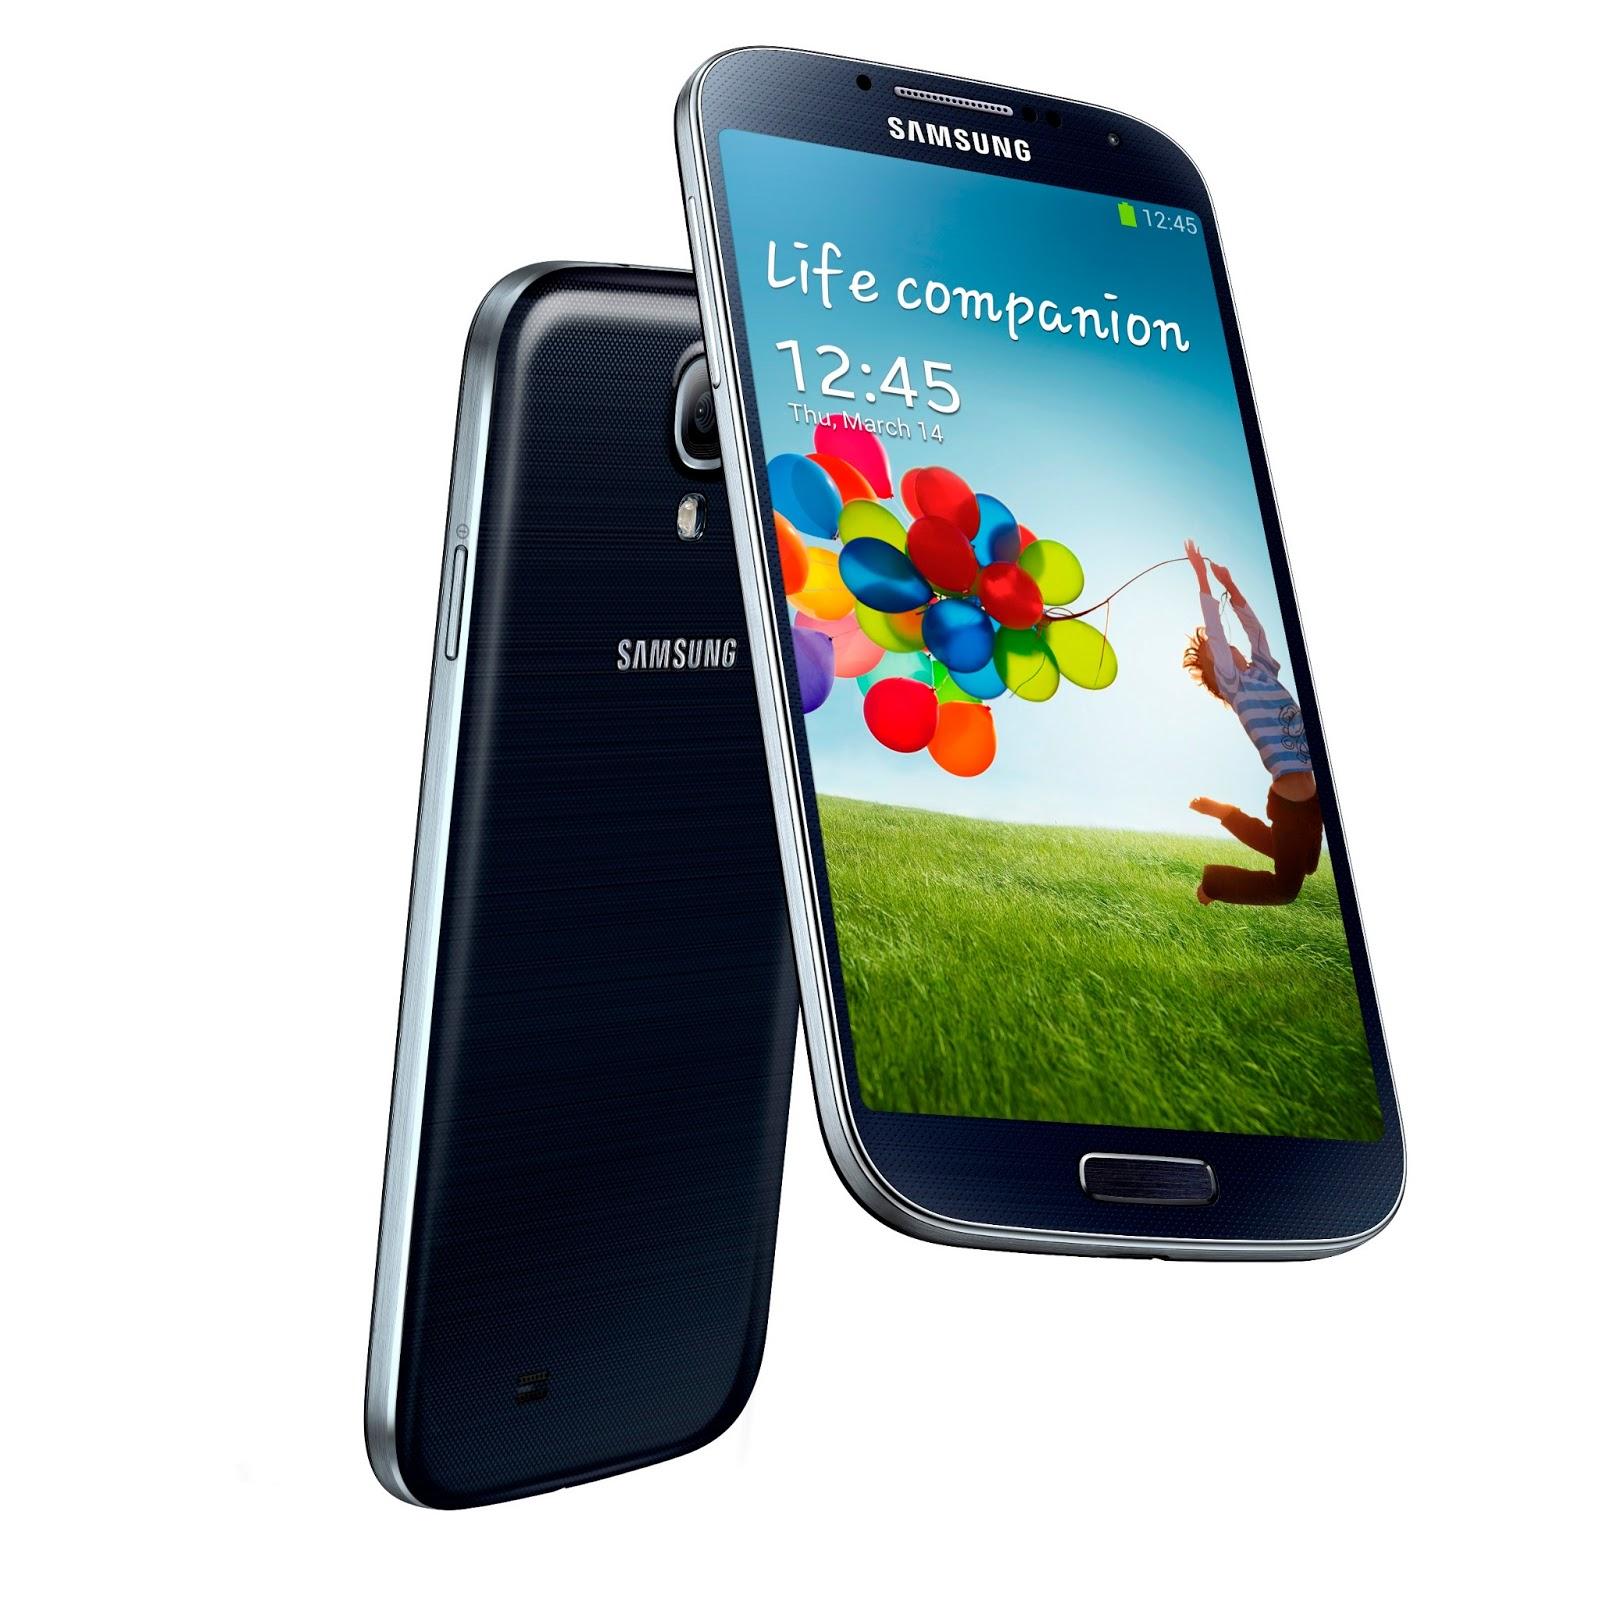 Samsung galaxy s4 kennenlernen